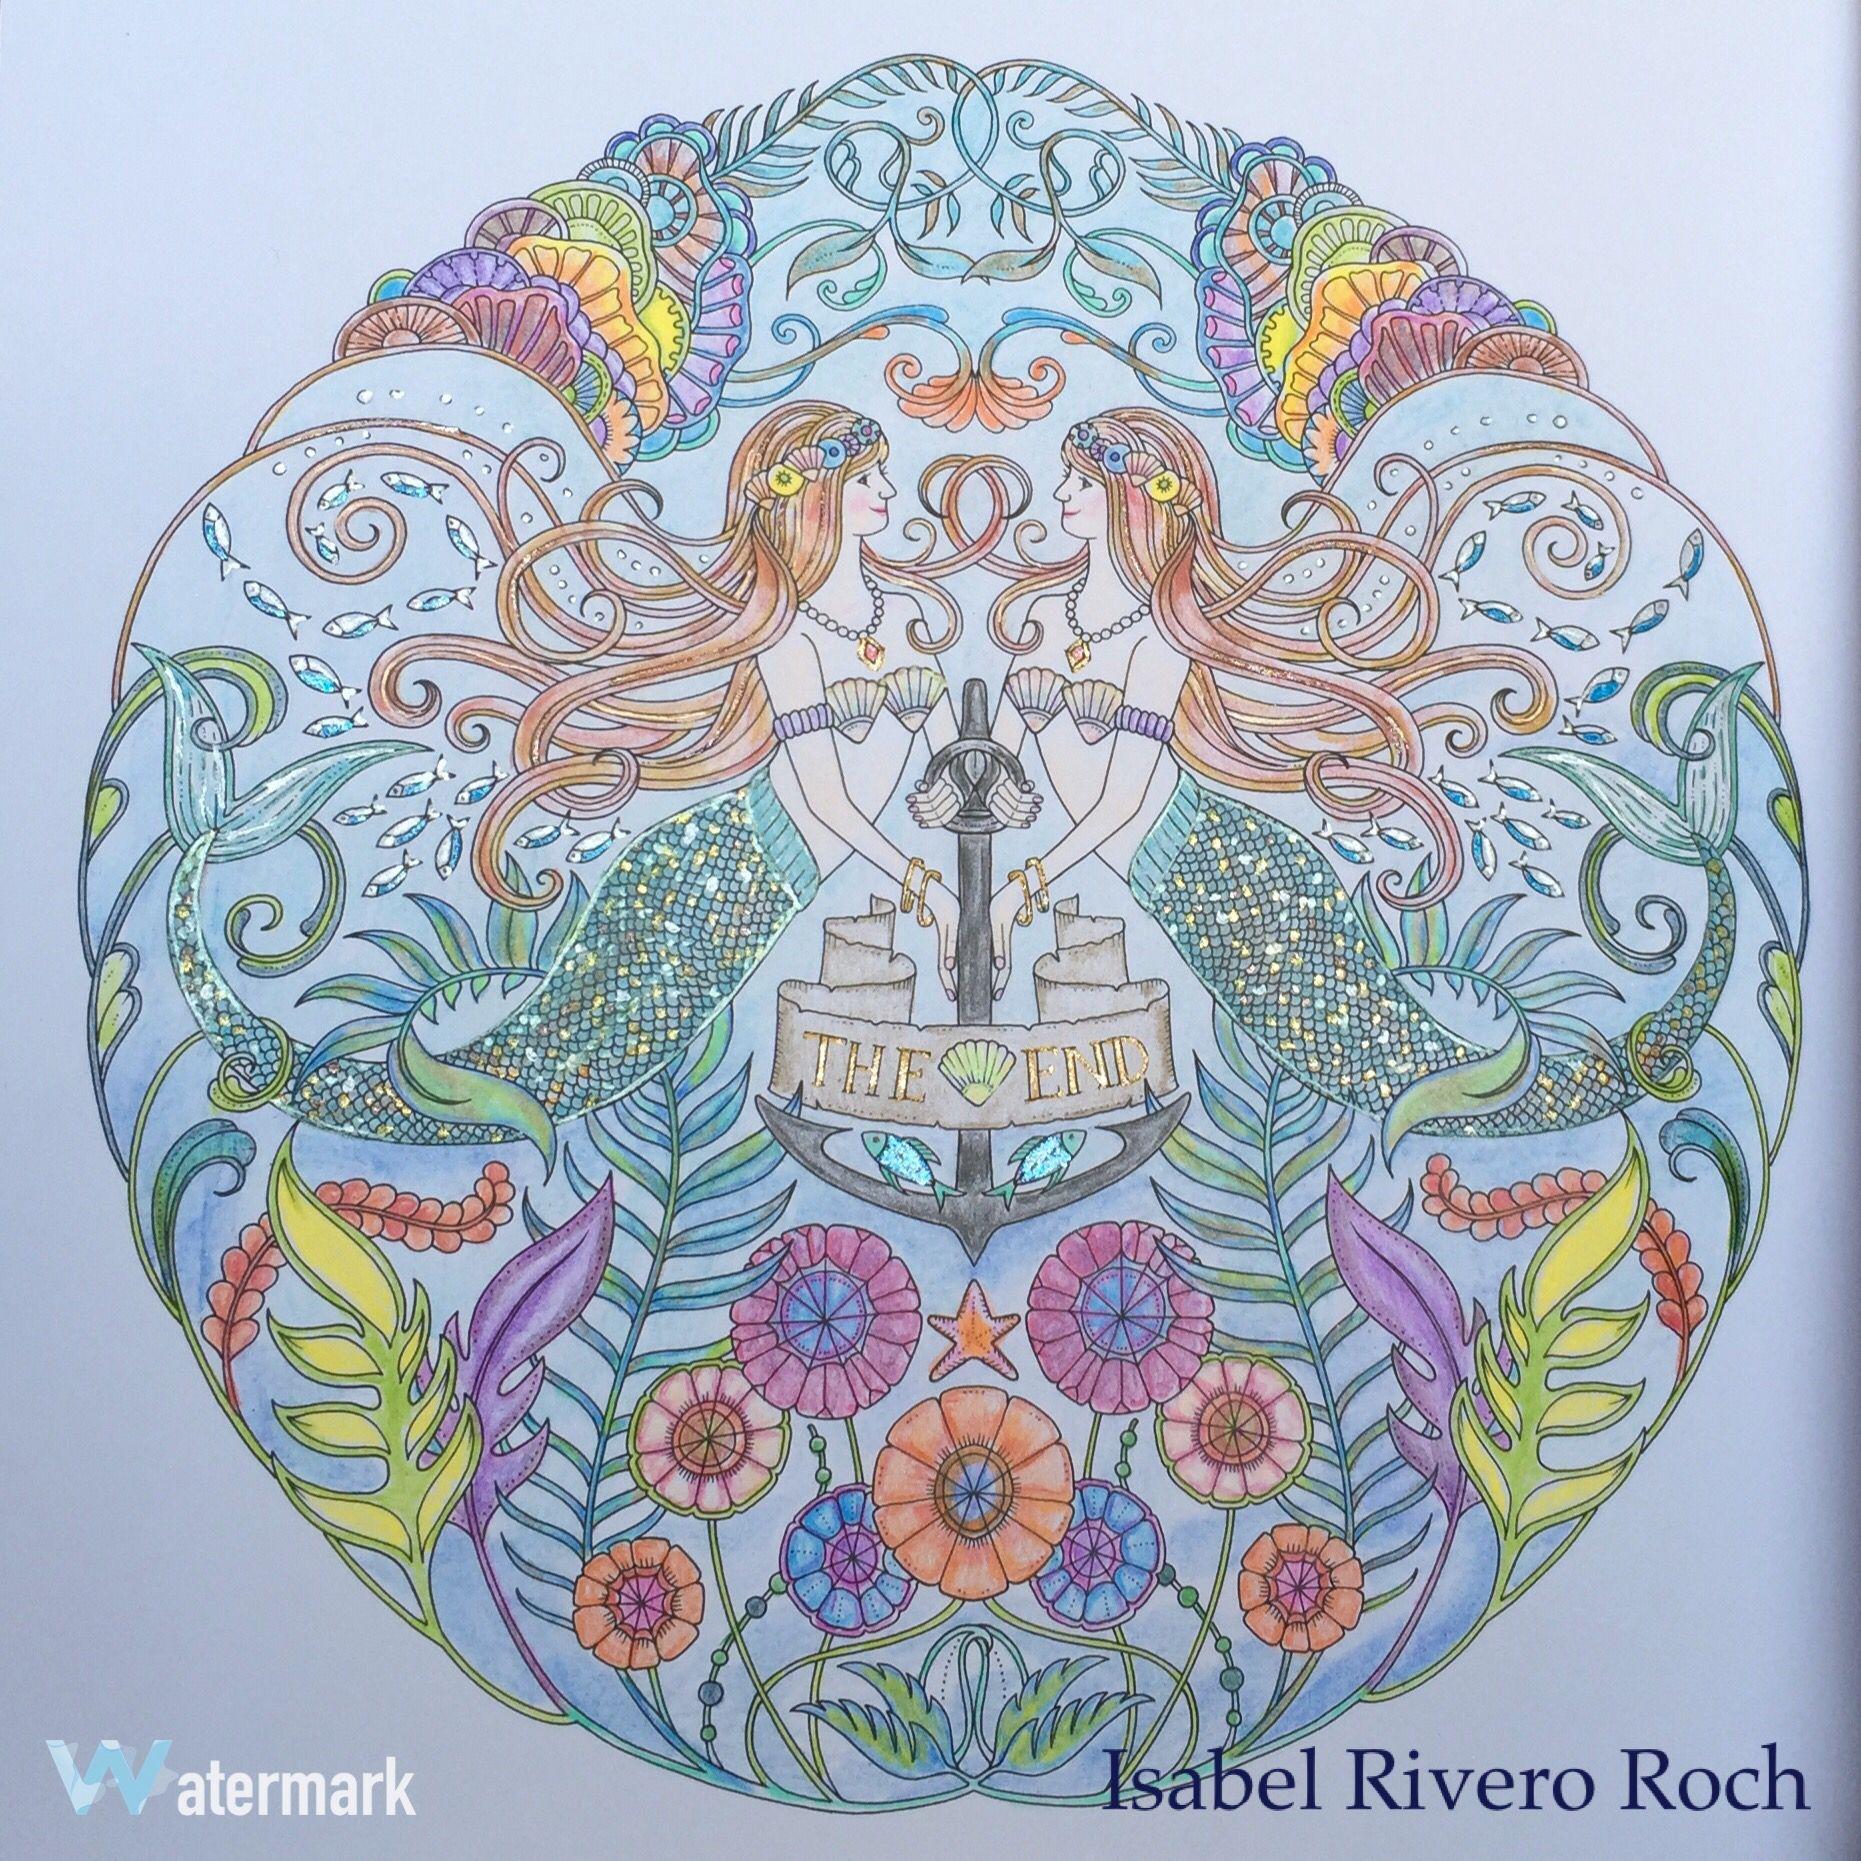 #johanna Basford, #lostocean #adultcoloring #mermaids   Lost Ocean by Johanna Basford. Colored by Isabel Rivero Roch.